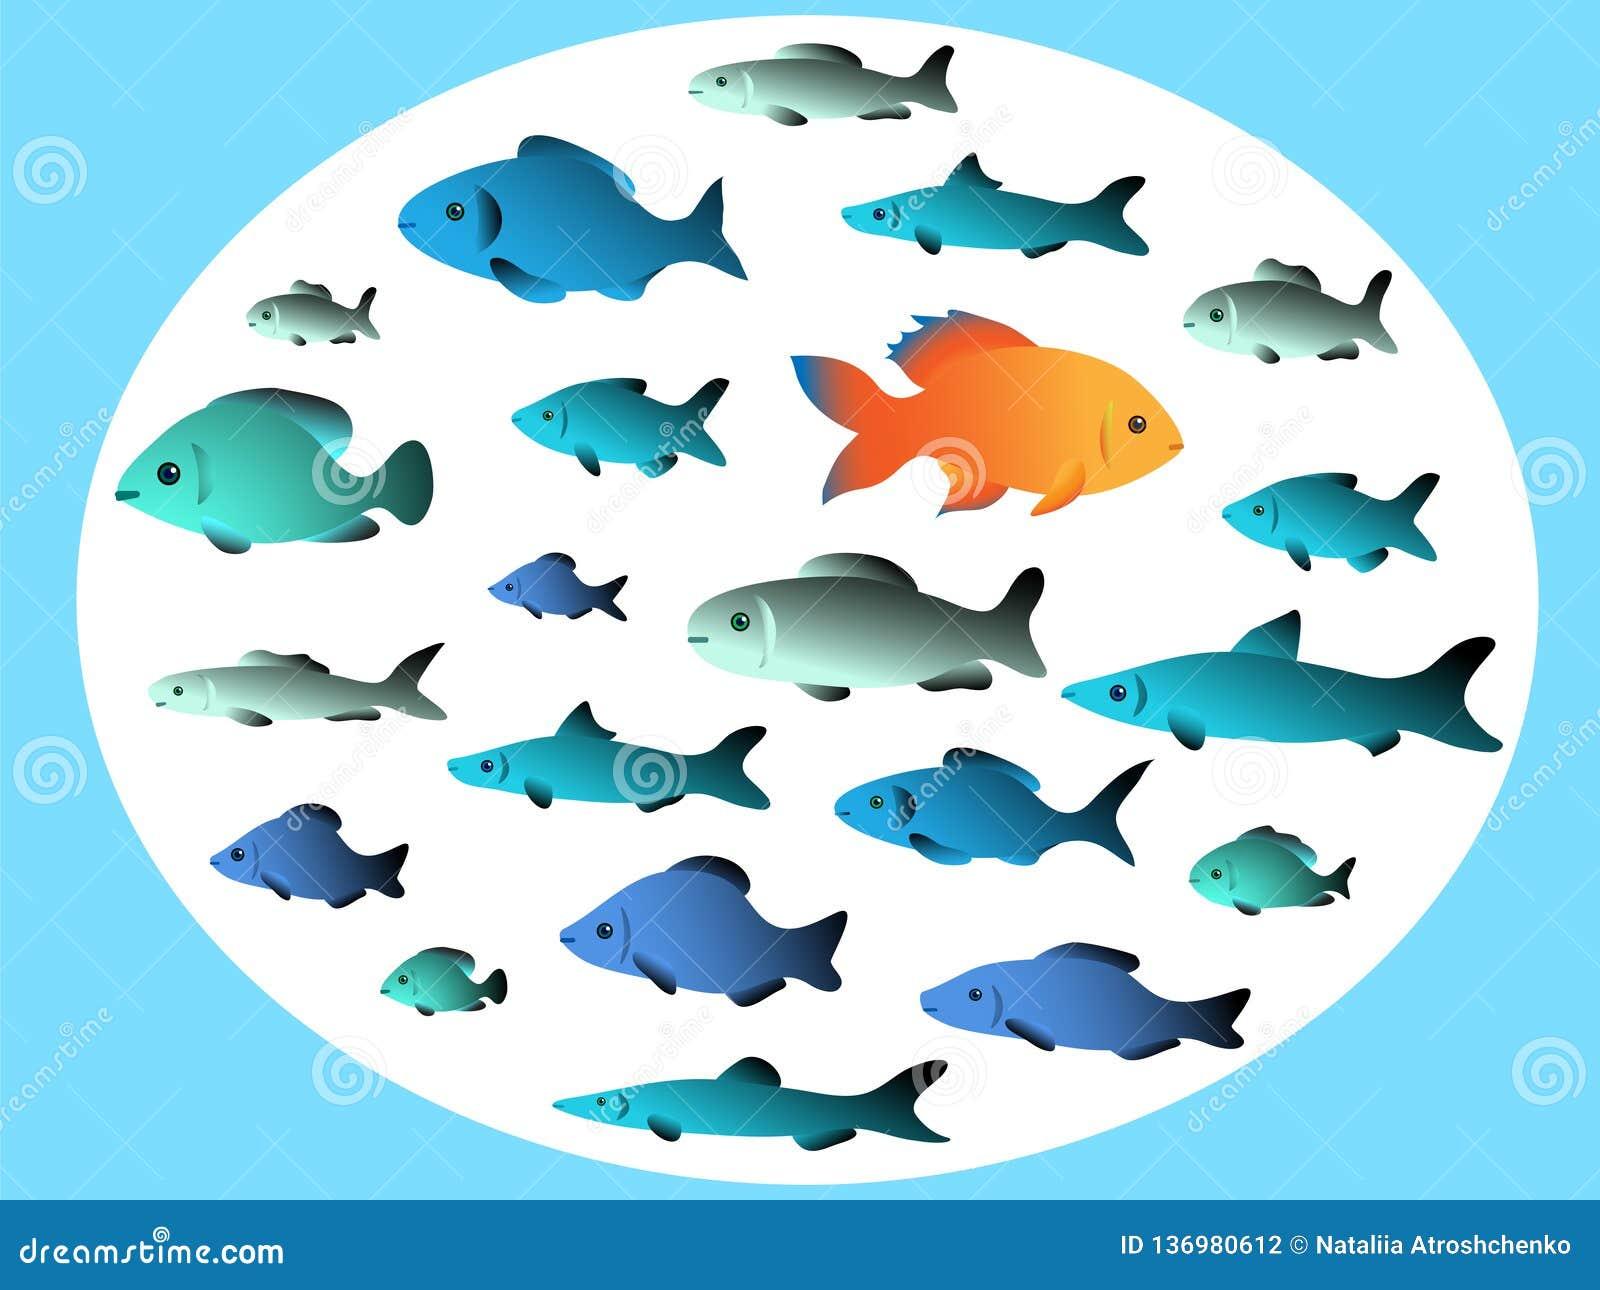 Viele Fische schwimmen in den entgegengesetzten Richtungen